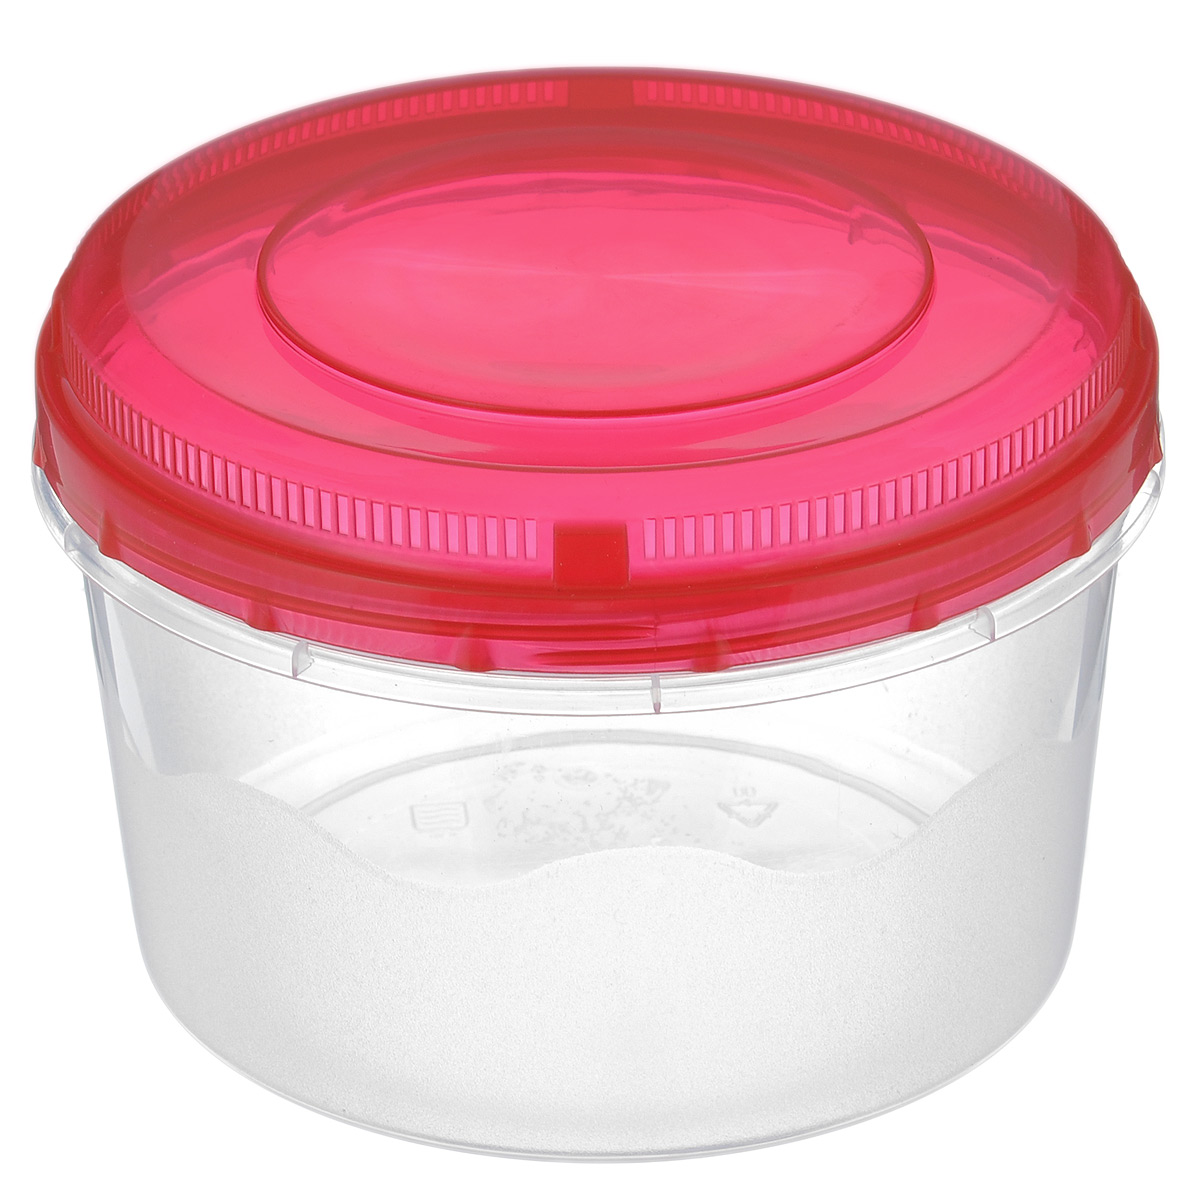 Контейнер для СВЧ Альтернатива, 1,5 лМ1166Круглый контейнер для СВЧ Альтернатива выполнен из высококачественногопластика, абсолютно безопасного для использования с пищевыми продуктами.Контейнер имеет закручивающуюся крышку, обеспечивающую абсолютнуюгерметичность и водонепроницаемость, не пропускает влагу и запахи, долгосохраняет свежесть продуктов.Контейнер подойдет не только для разогревания продуктов в печи СВЧ, но и дляхранения продуктов, в том числе в холодильной и морозильной камерах. Объем: 1,5 л. Диаметр: 15,5 см. Высота (без учета крышки): 9,5 см. Уважаемые клиенты! Обращаем ваше внимание на возможные изменения в цвете контейнера, связанные с ассортиментом продукции. Поставка осуществляется в зависимости от наличия на складе.